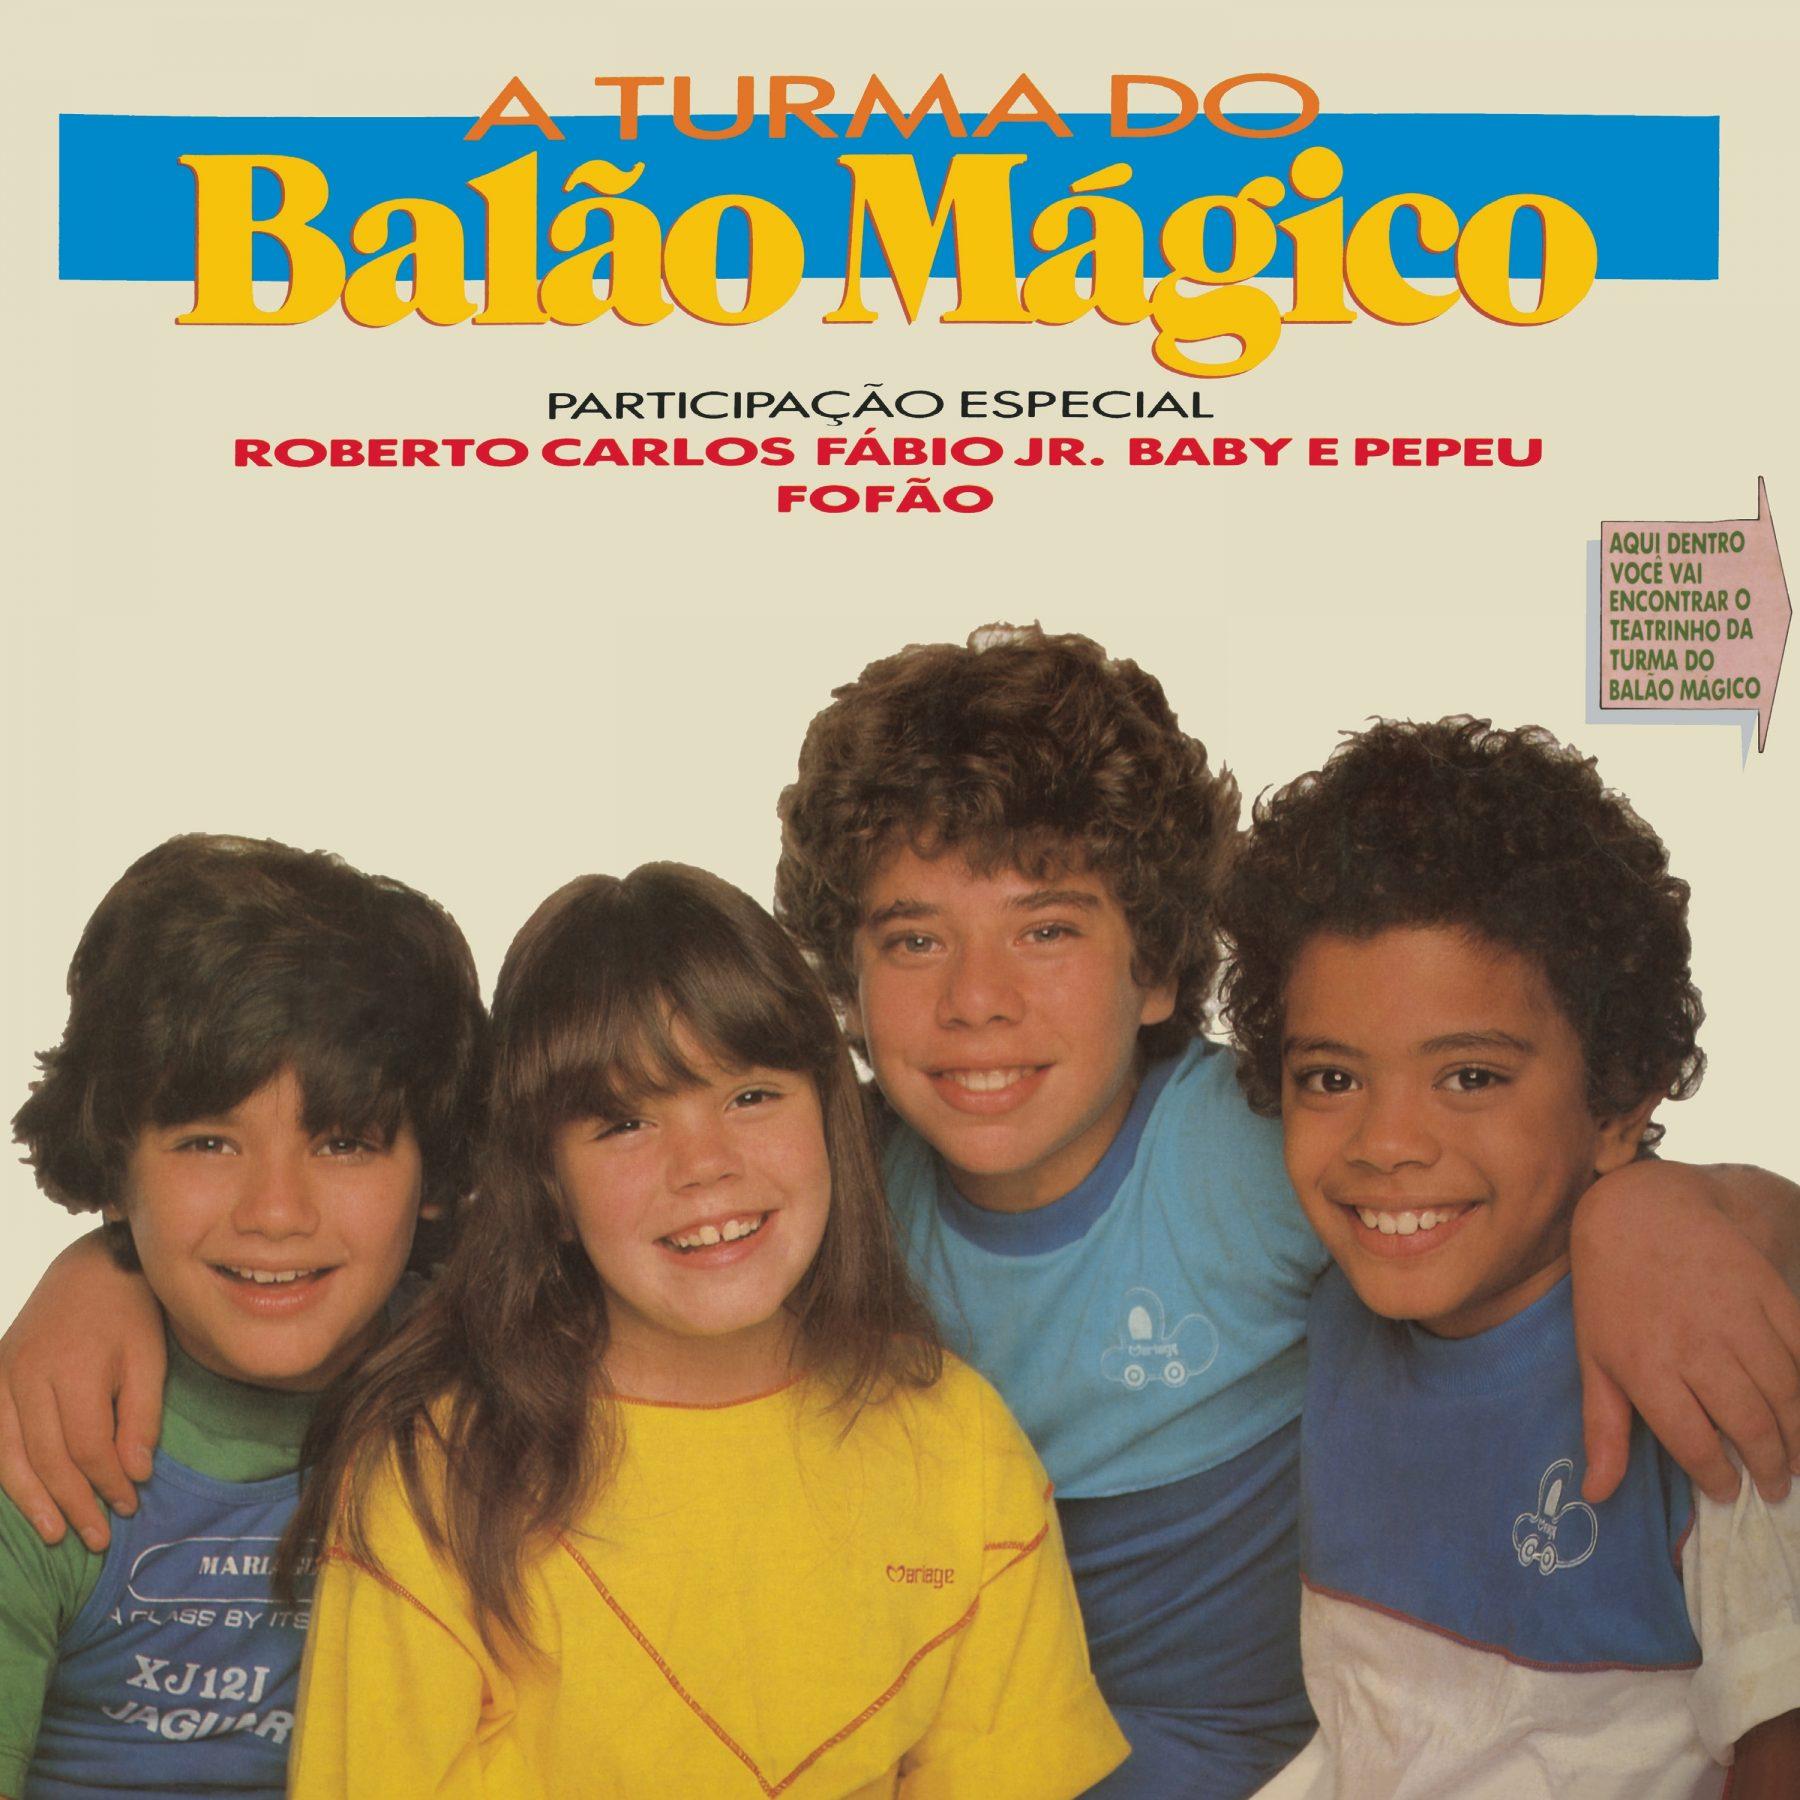 A Turma do Balão Mágico tem três álbuns históricos lançados em streaming